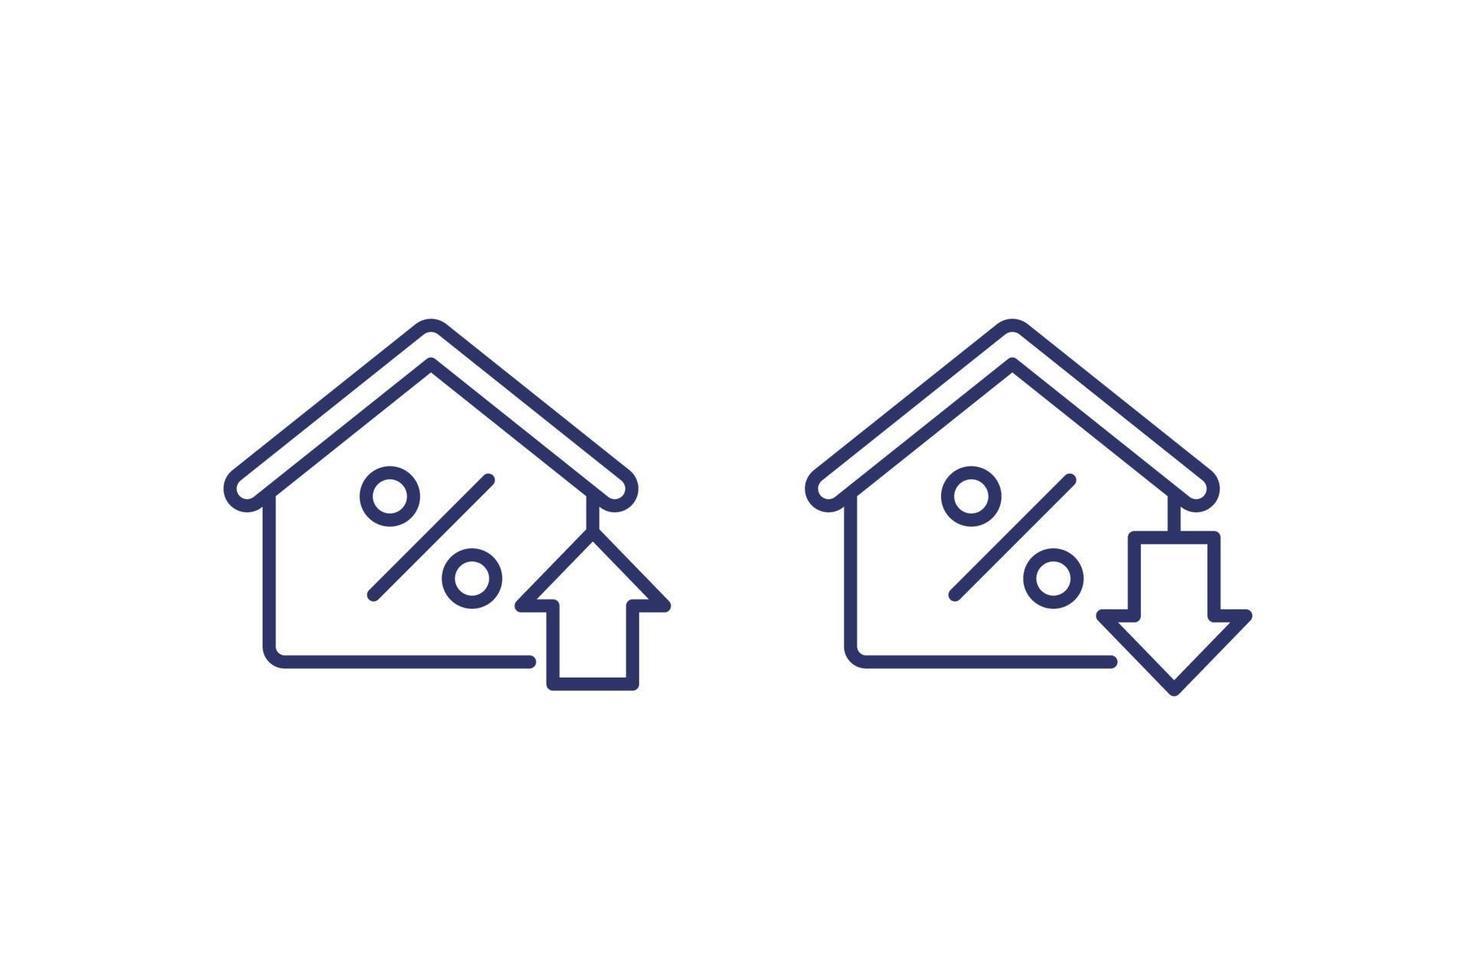 taxa de hipoteca crescendo e reduzindo ícones, linha vector.eps vetor